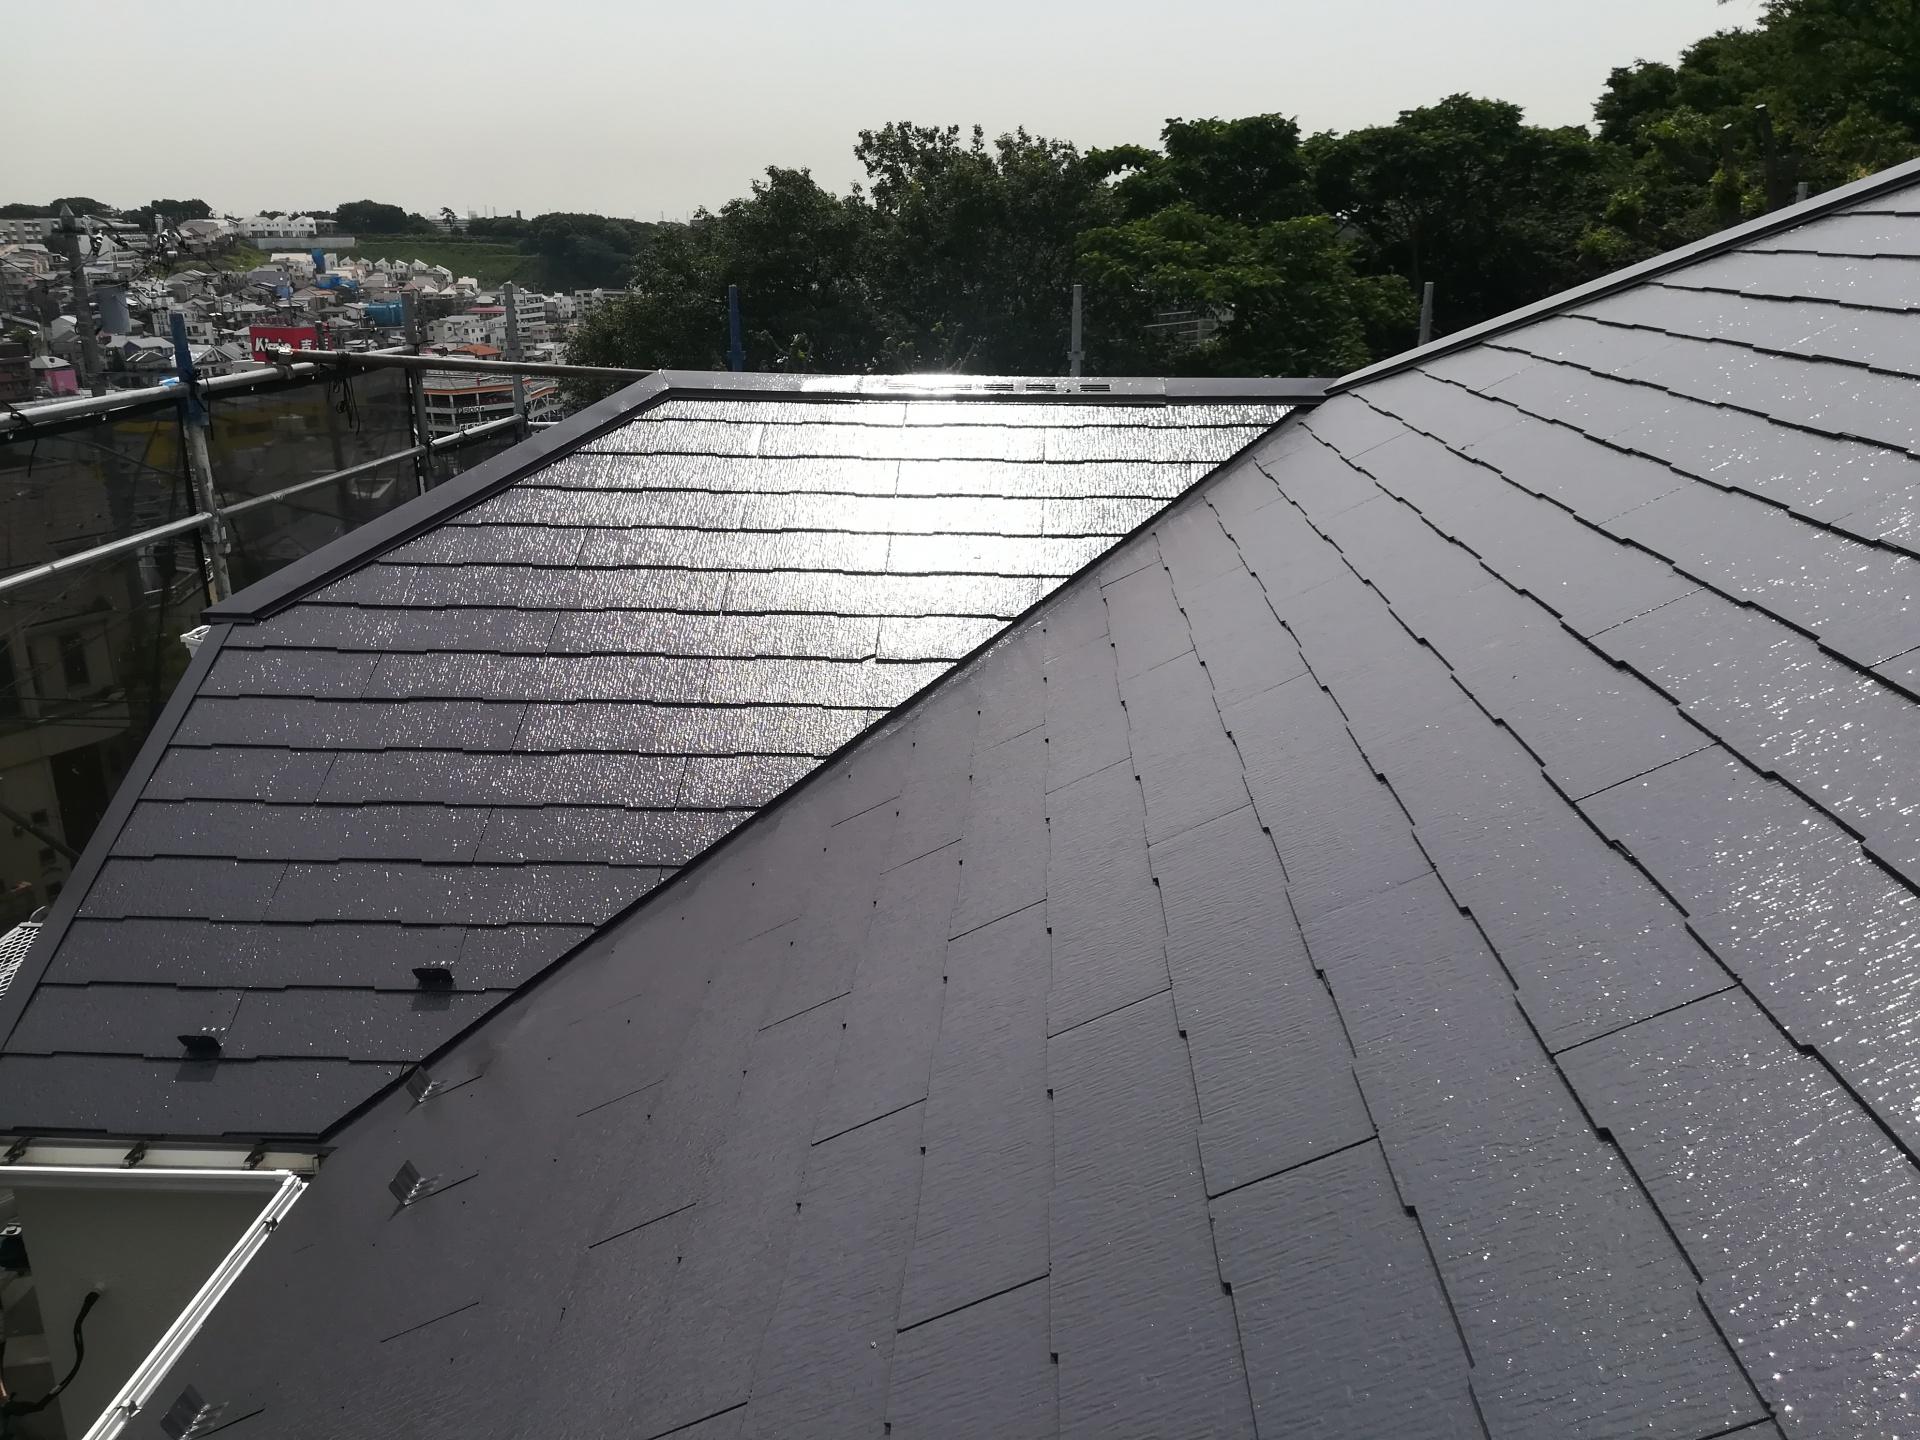 横浜市神奈川区築10年目で初めての外装リフォーム、屋根は遮熱塗料(サーモアイSi)・外壁はラジカル制御形(パーフェクトトップ)を使用して塗装を行いました、施工後写真